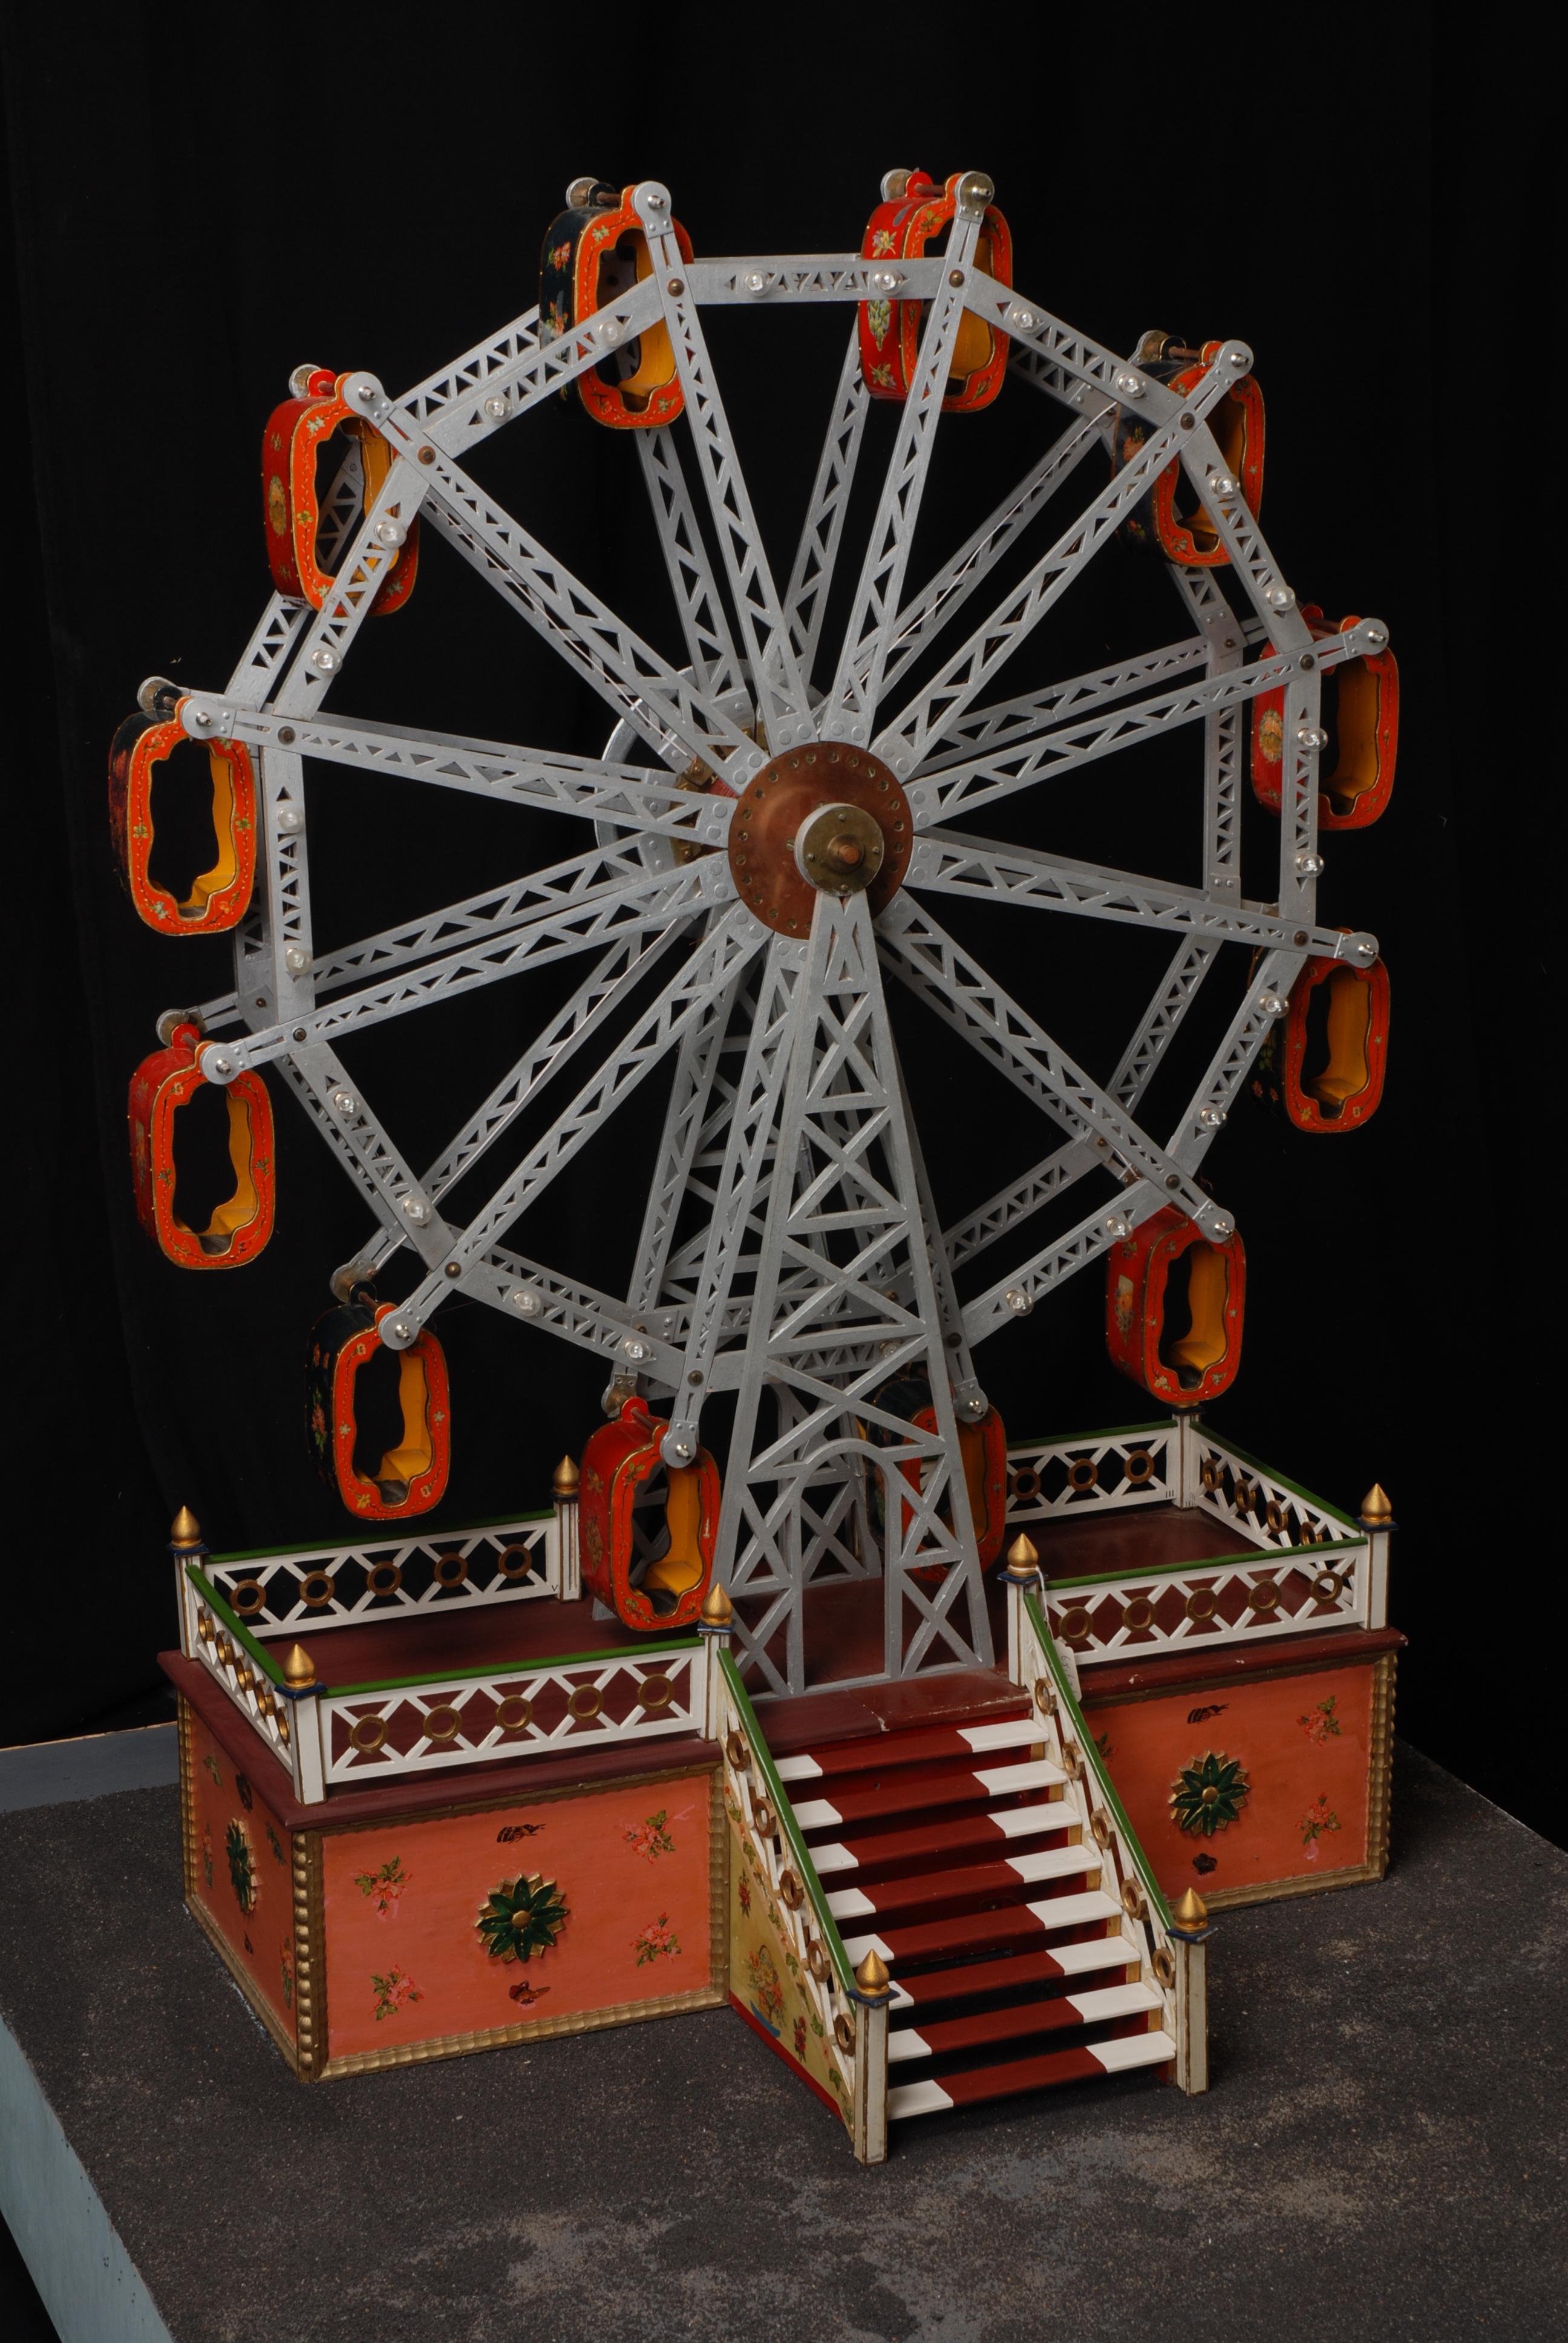 Geschilderd houten model van een reuzenrad, op rechthoekige grondplaat, behorend bij kermis